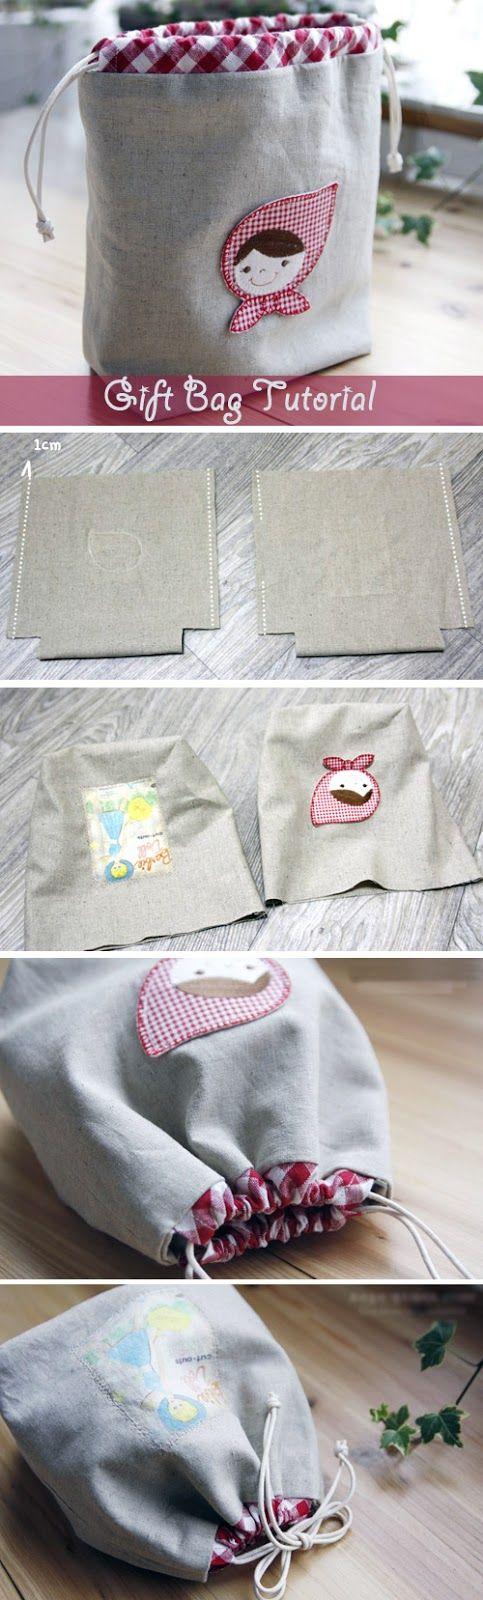 Geschenkesack | Nähen | Pinterest | Nähen, Nähideen und Taschen nähen